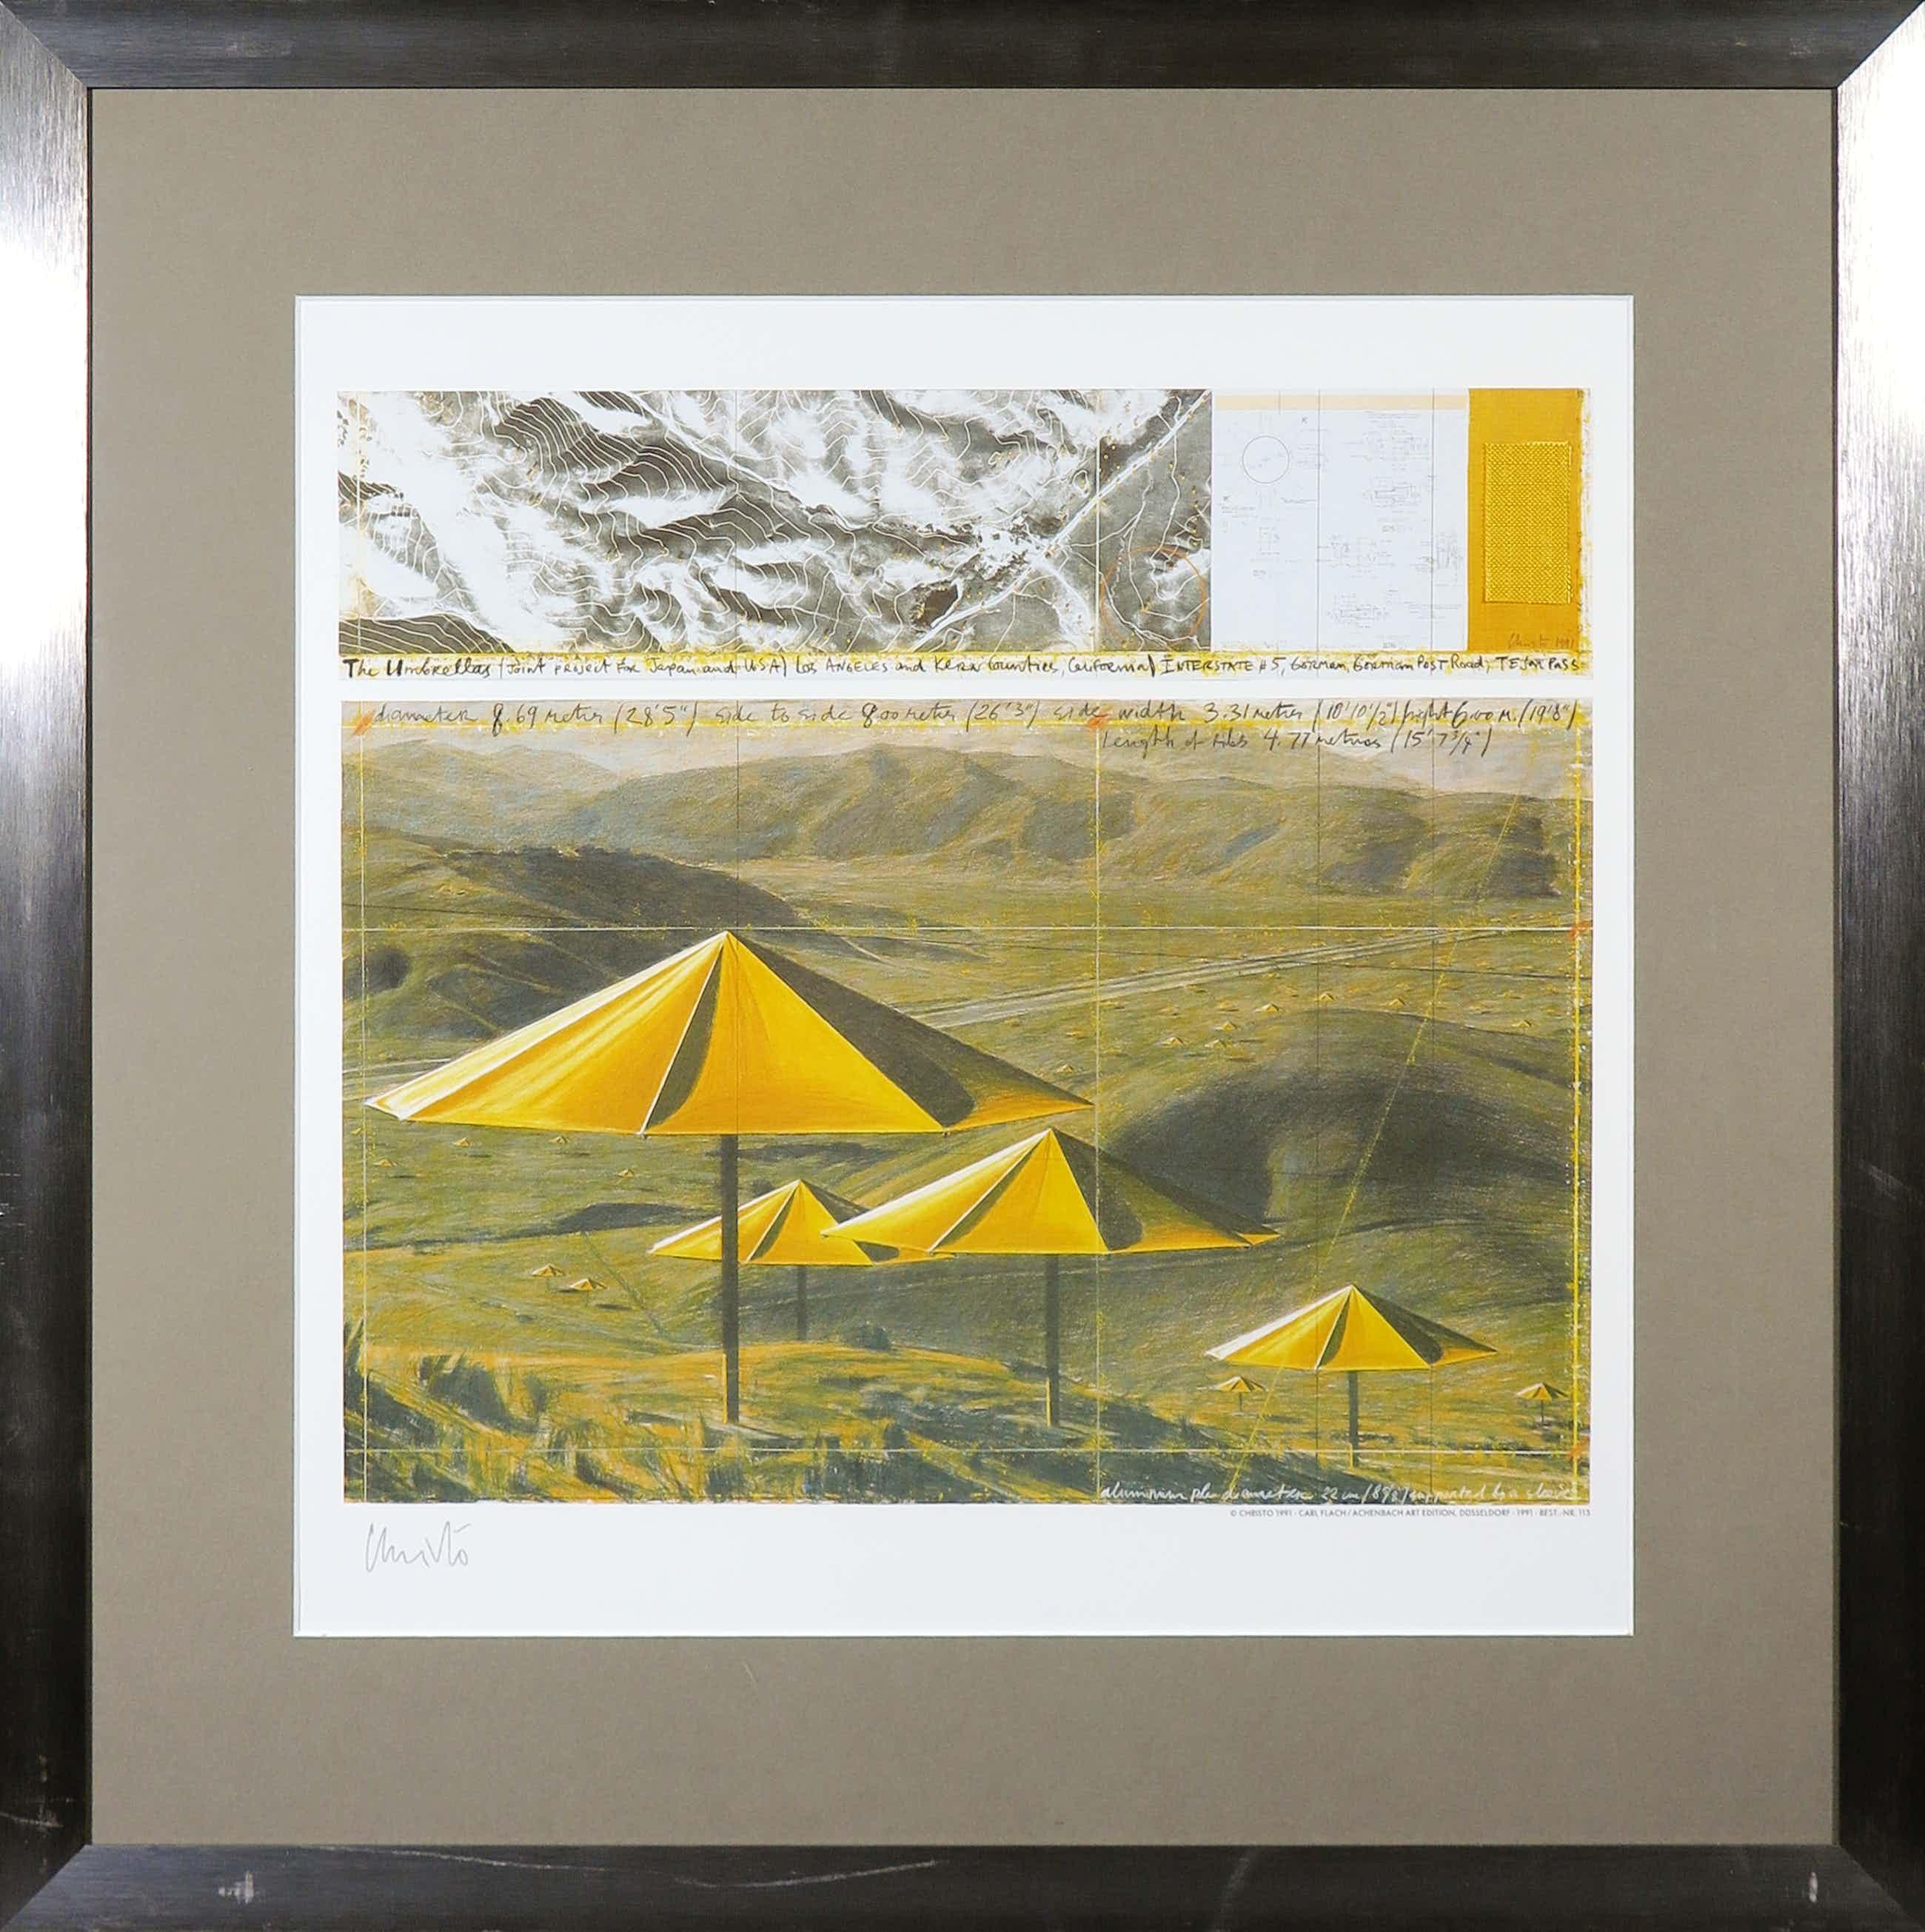 Christo - Handgesigneerd exemplaar The Umbrellas met stukje stof - Ingelijst (Groot) kopen? Bied vanaf 110!